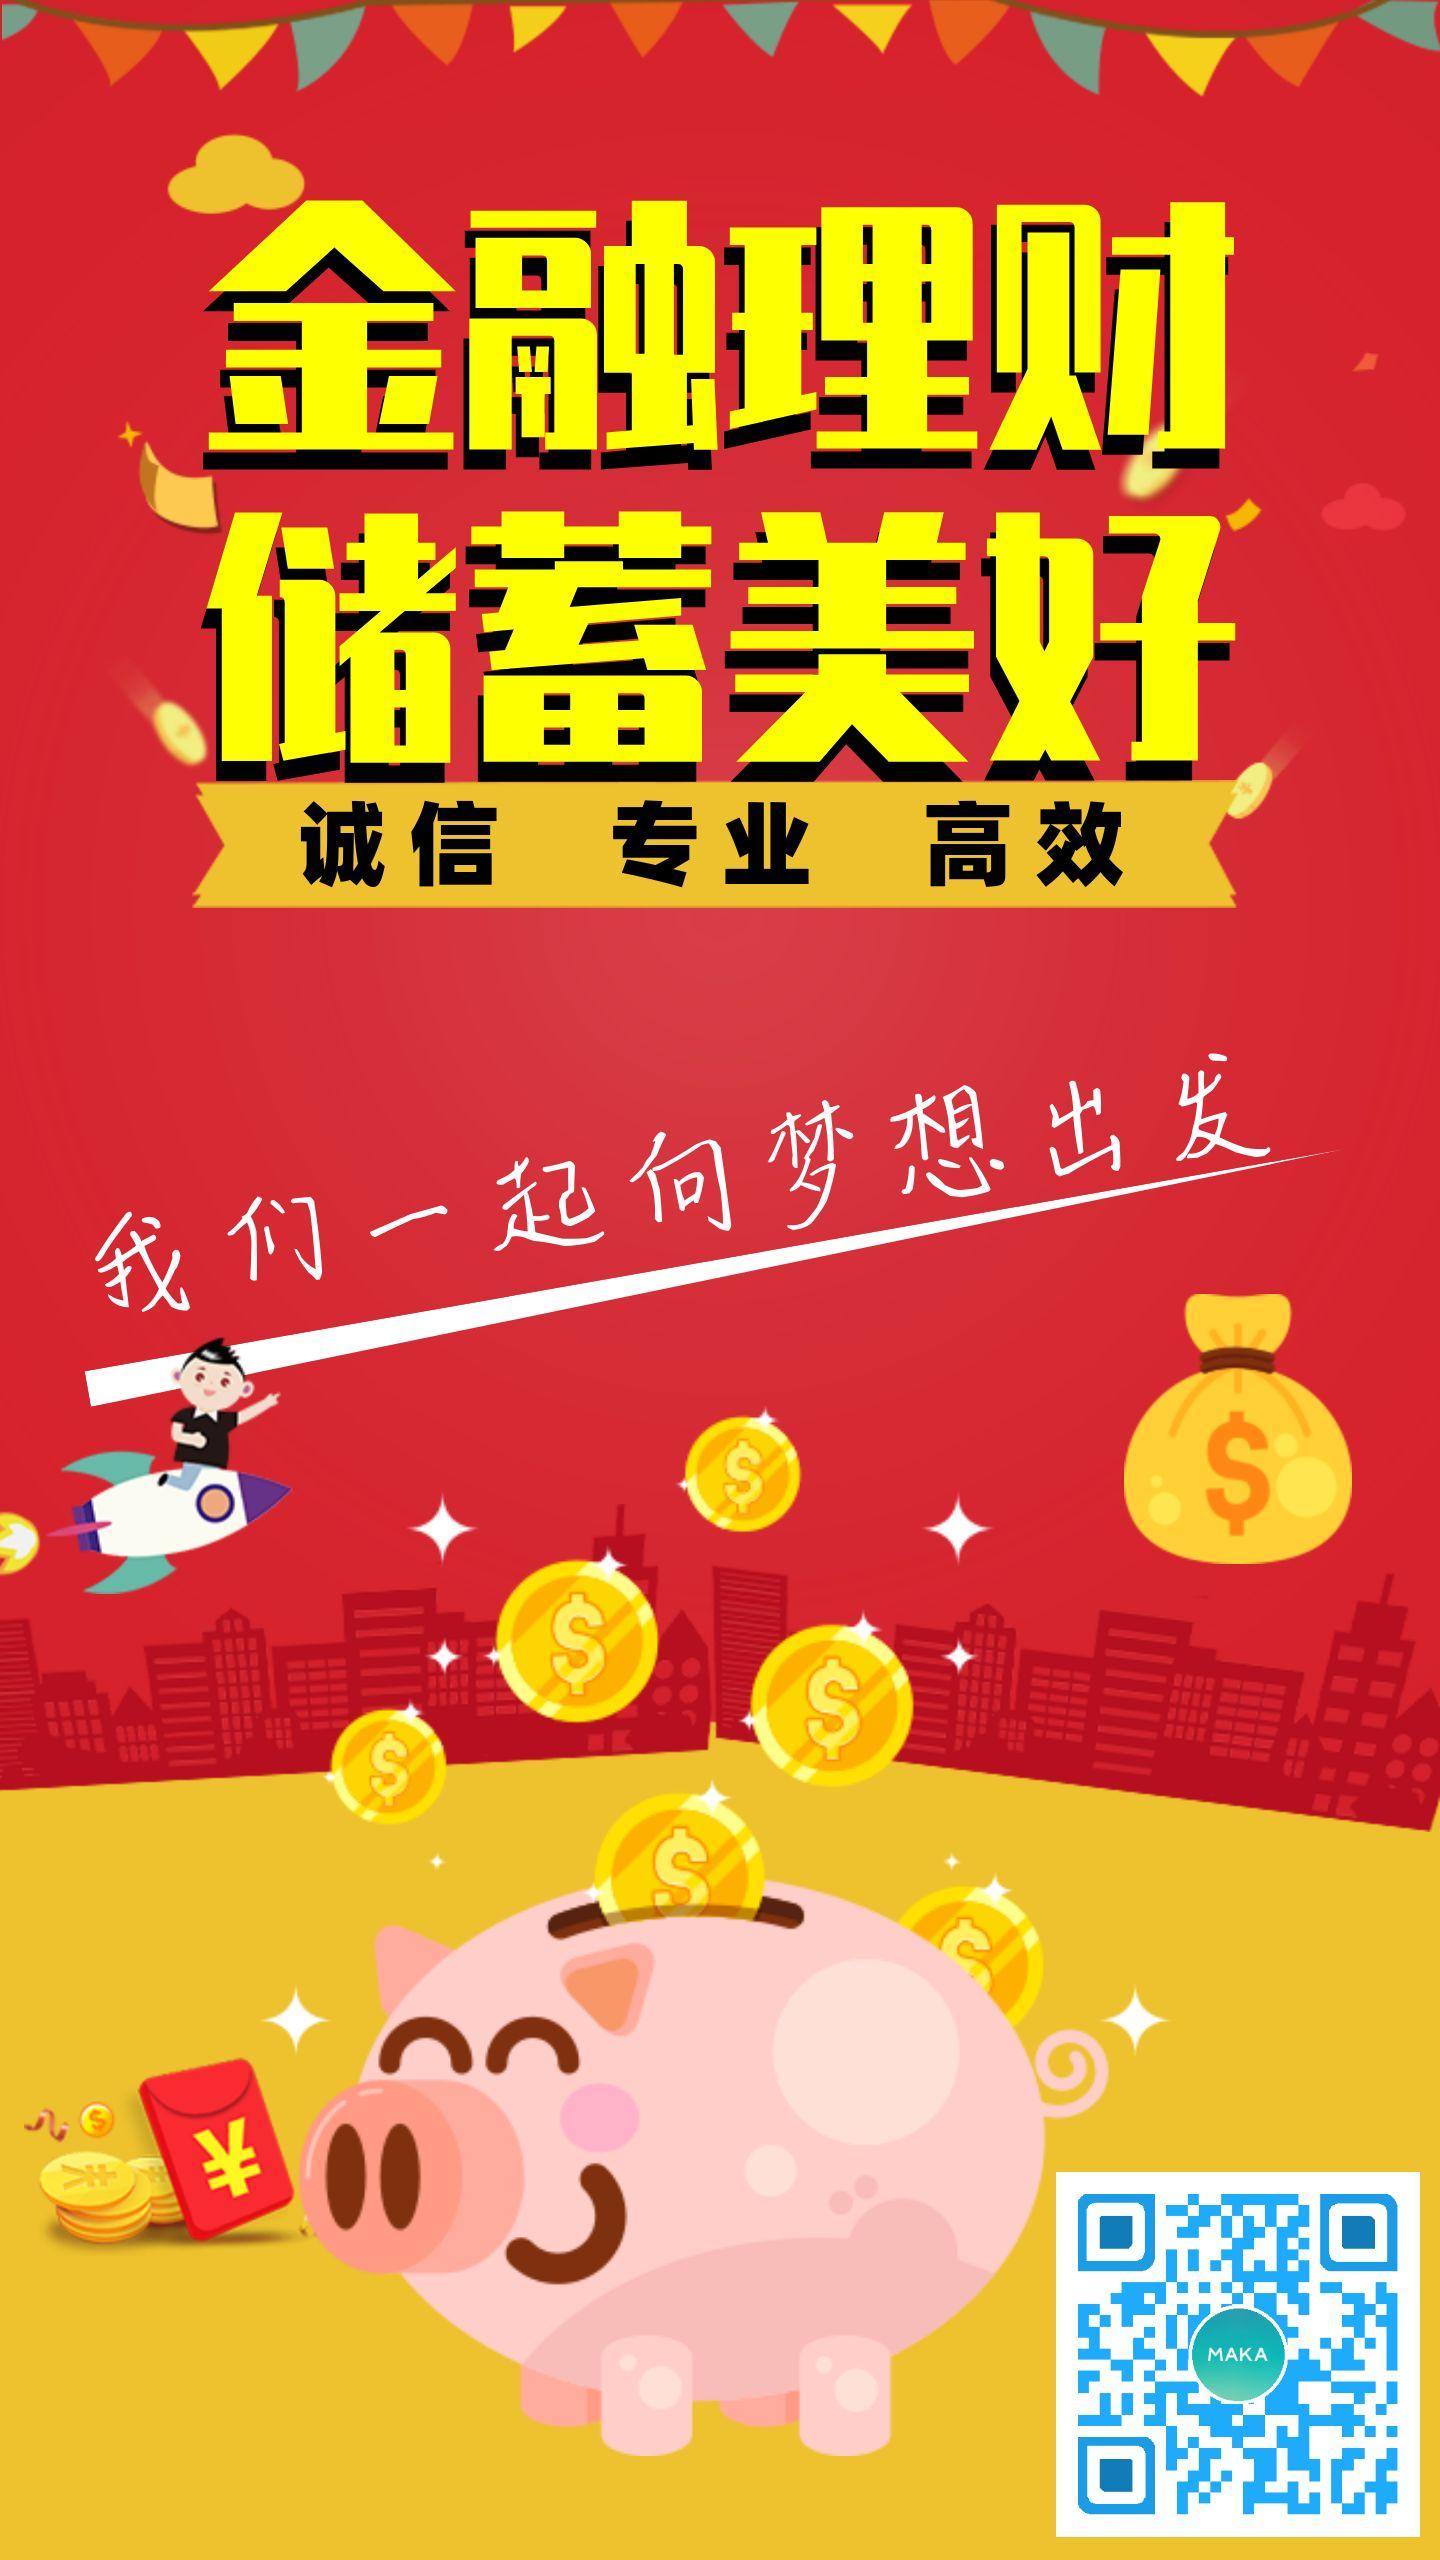 金融行业卡通小猪理财产品宣传海报